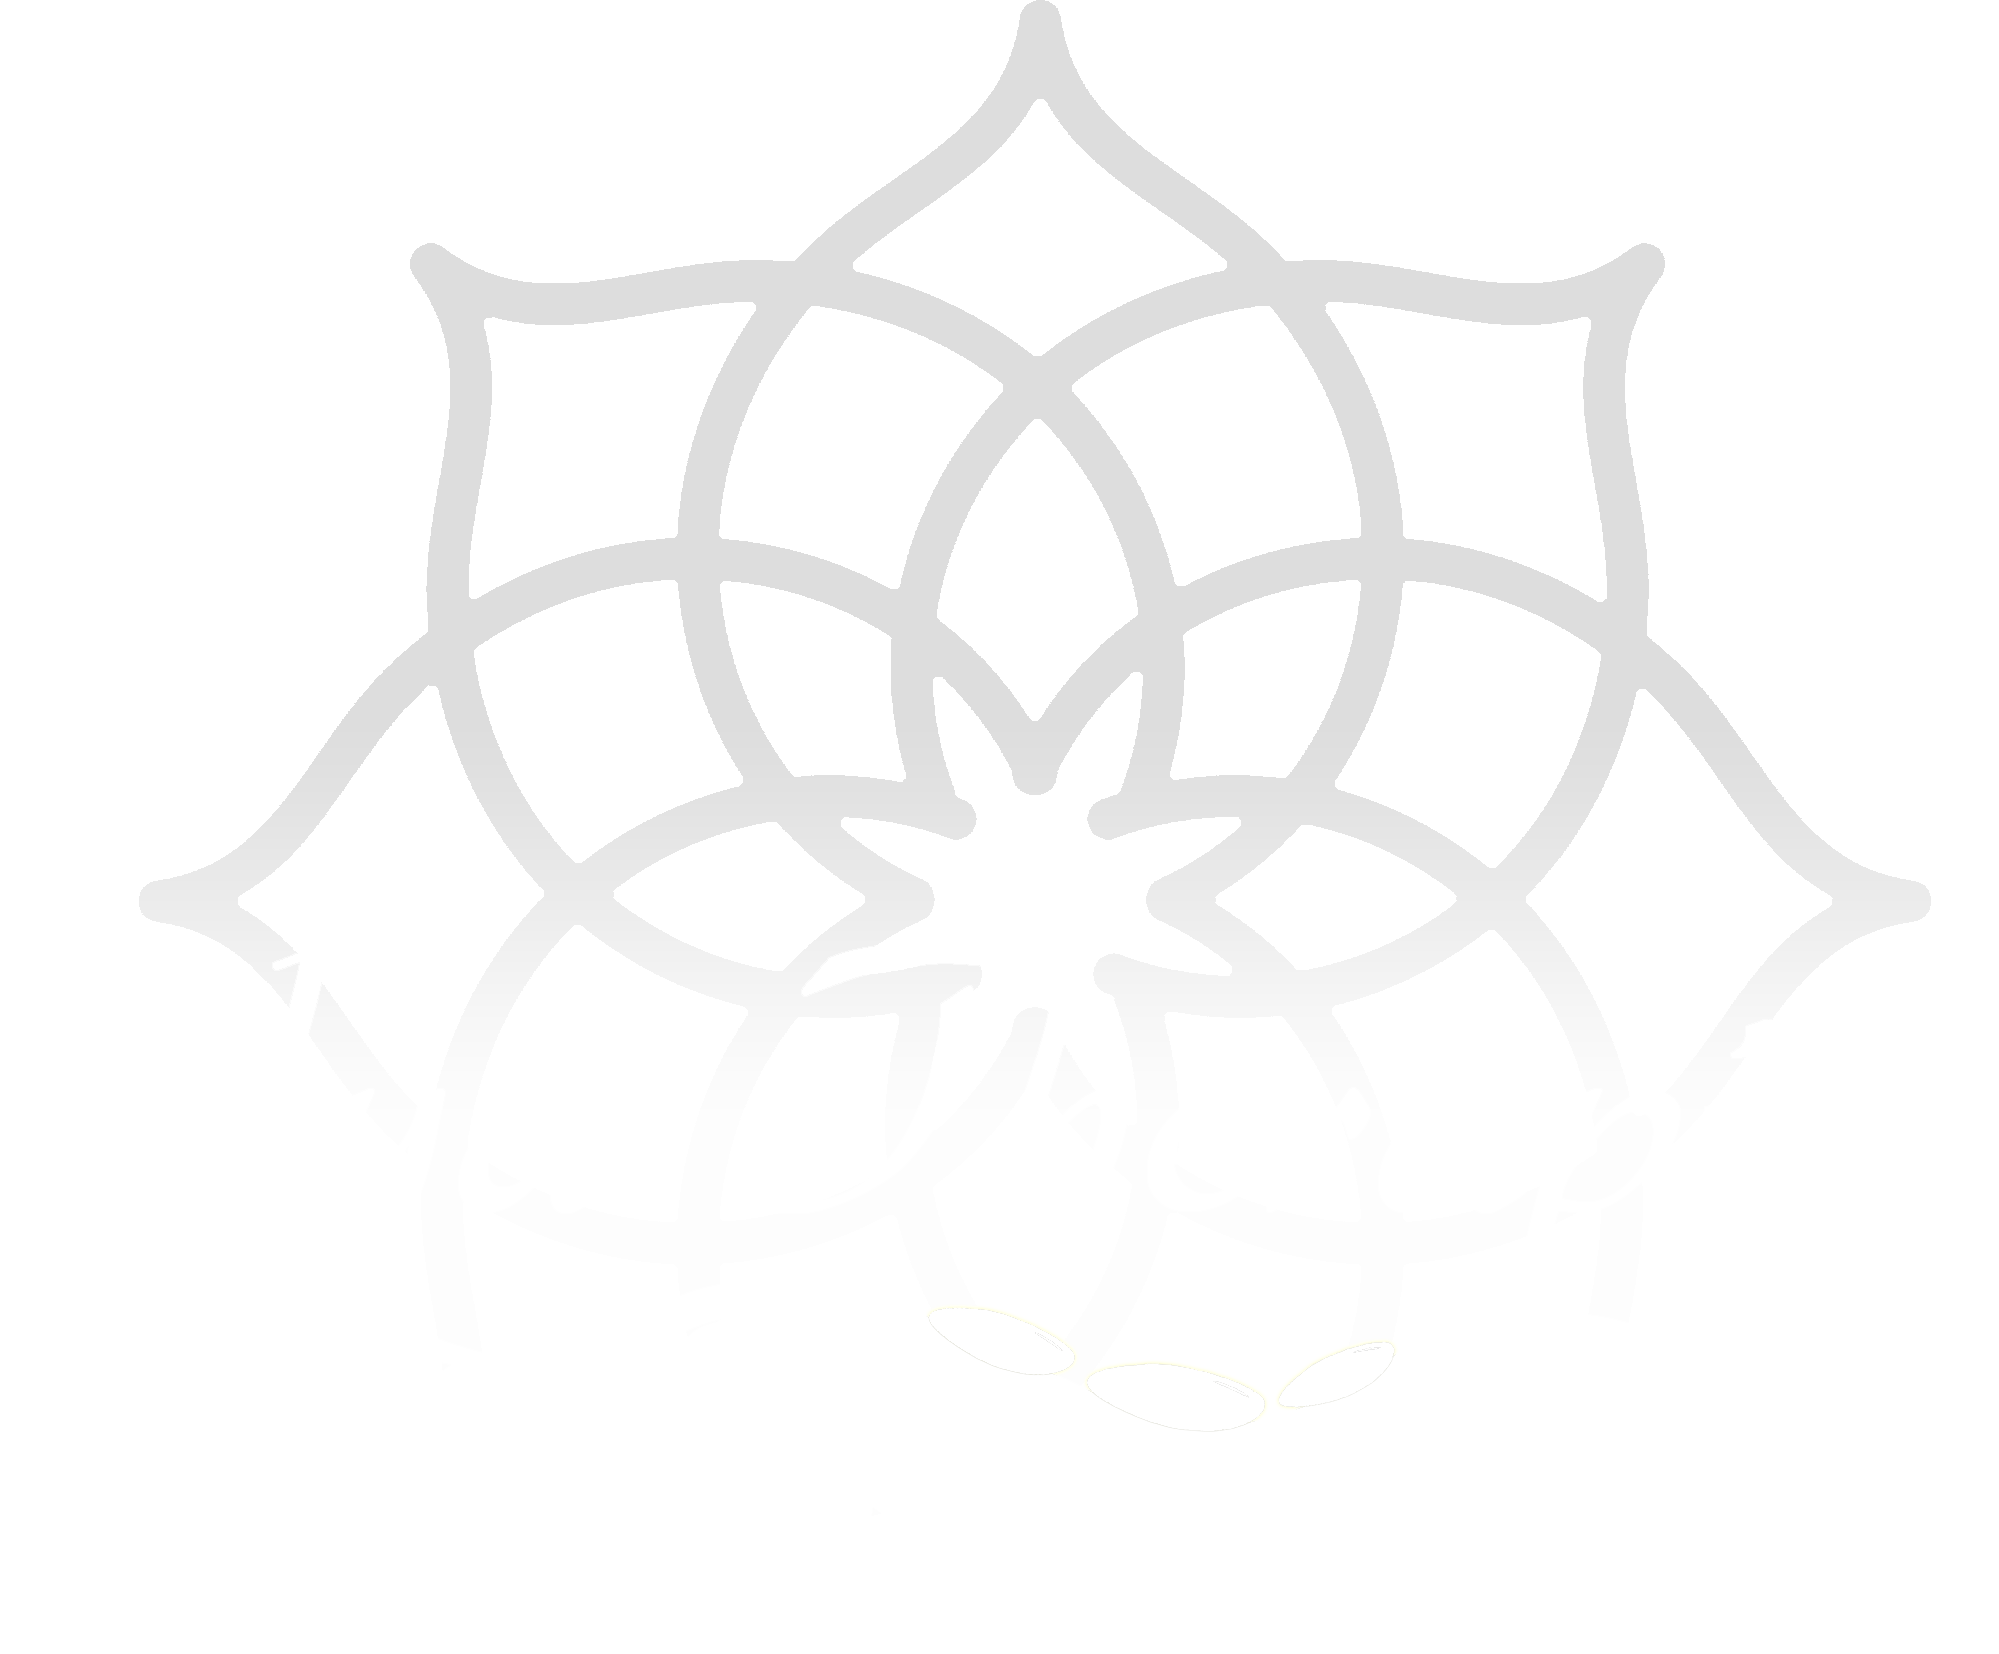 elyatherapies centro de masajes y terapias alternativas en casteldefels